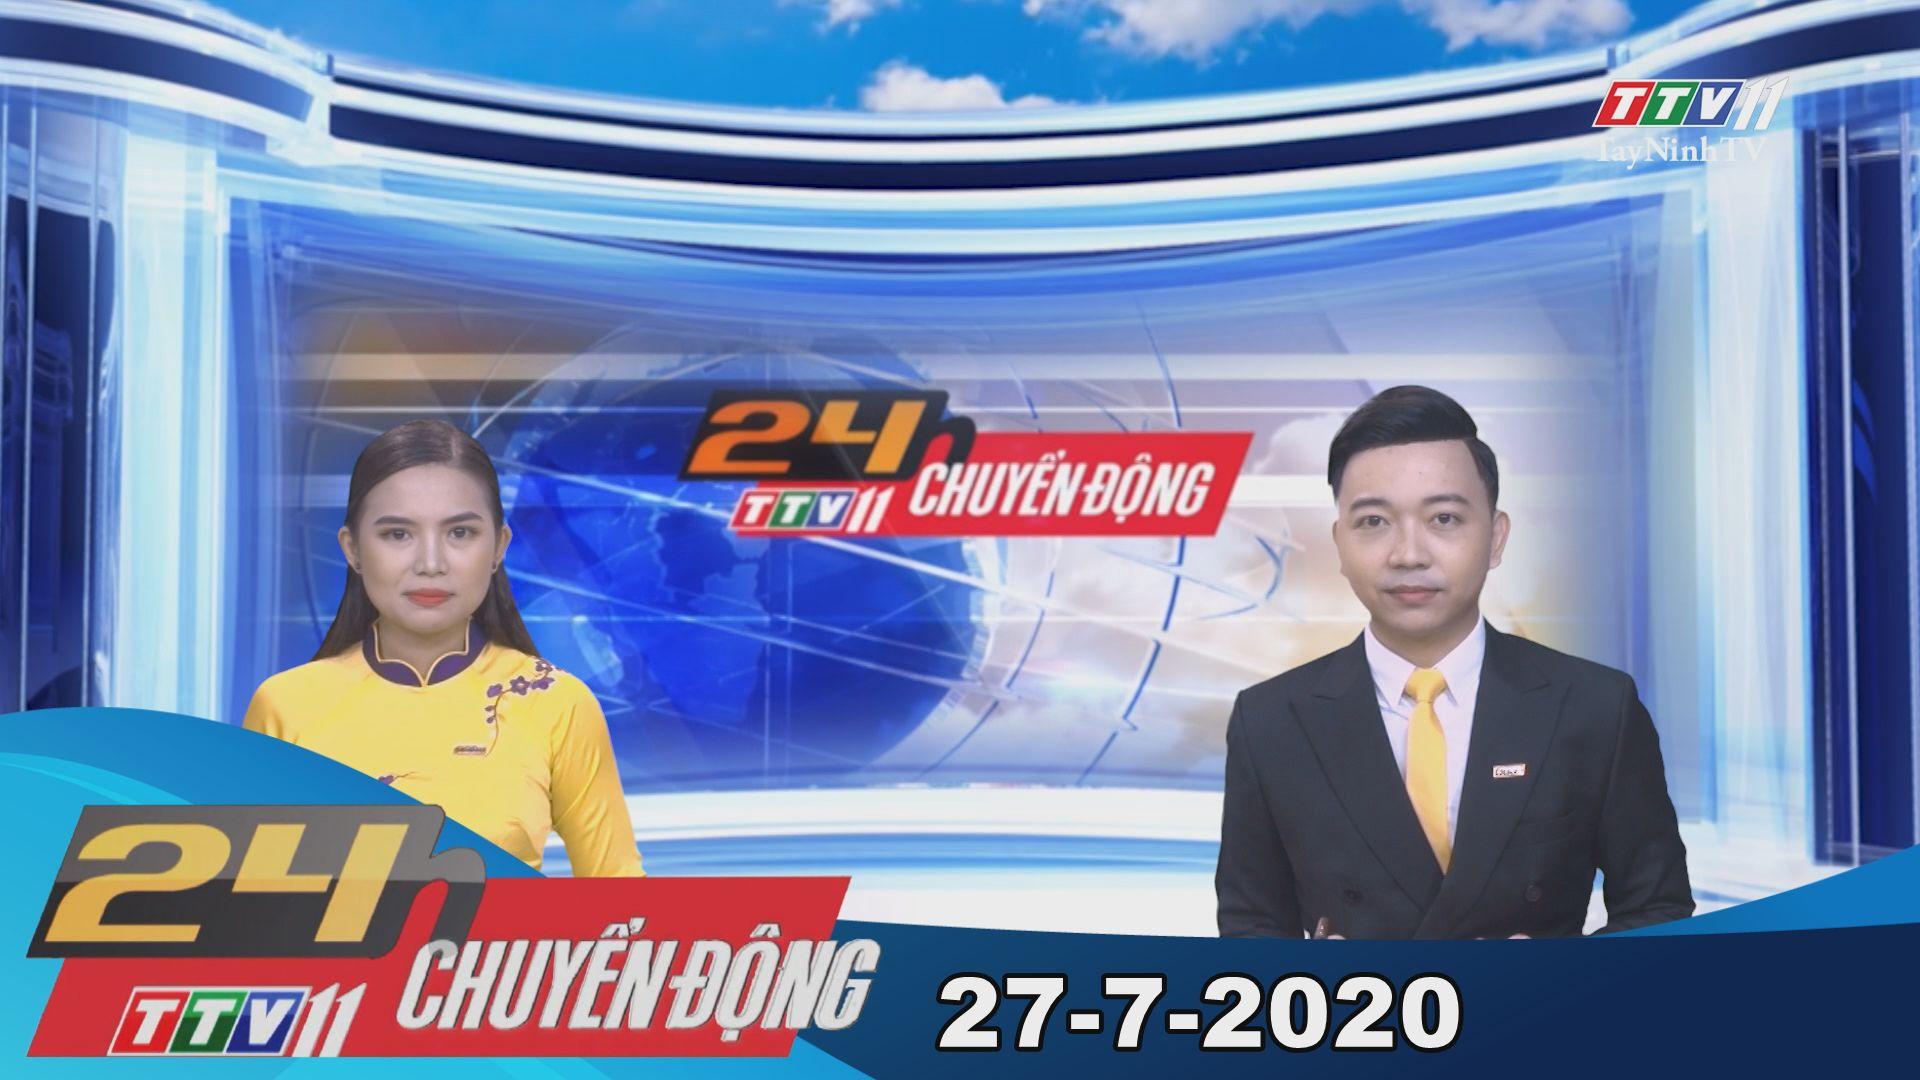 24h Chuyển động 27-7-2020 | Tin tức hôm nay | TayNinhTV